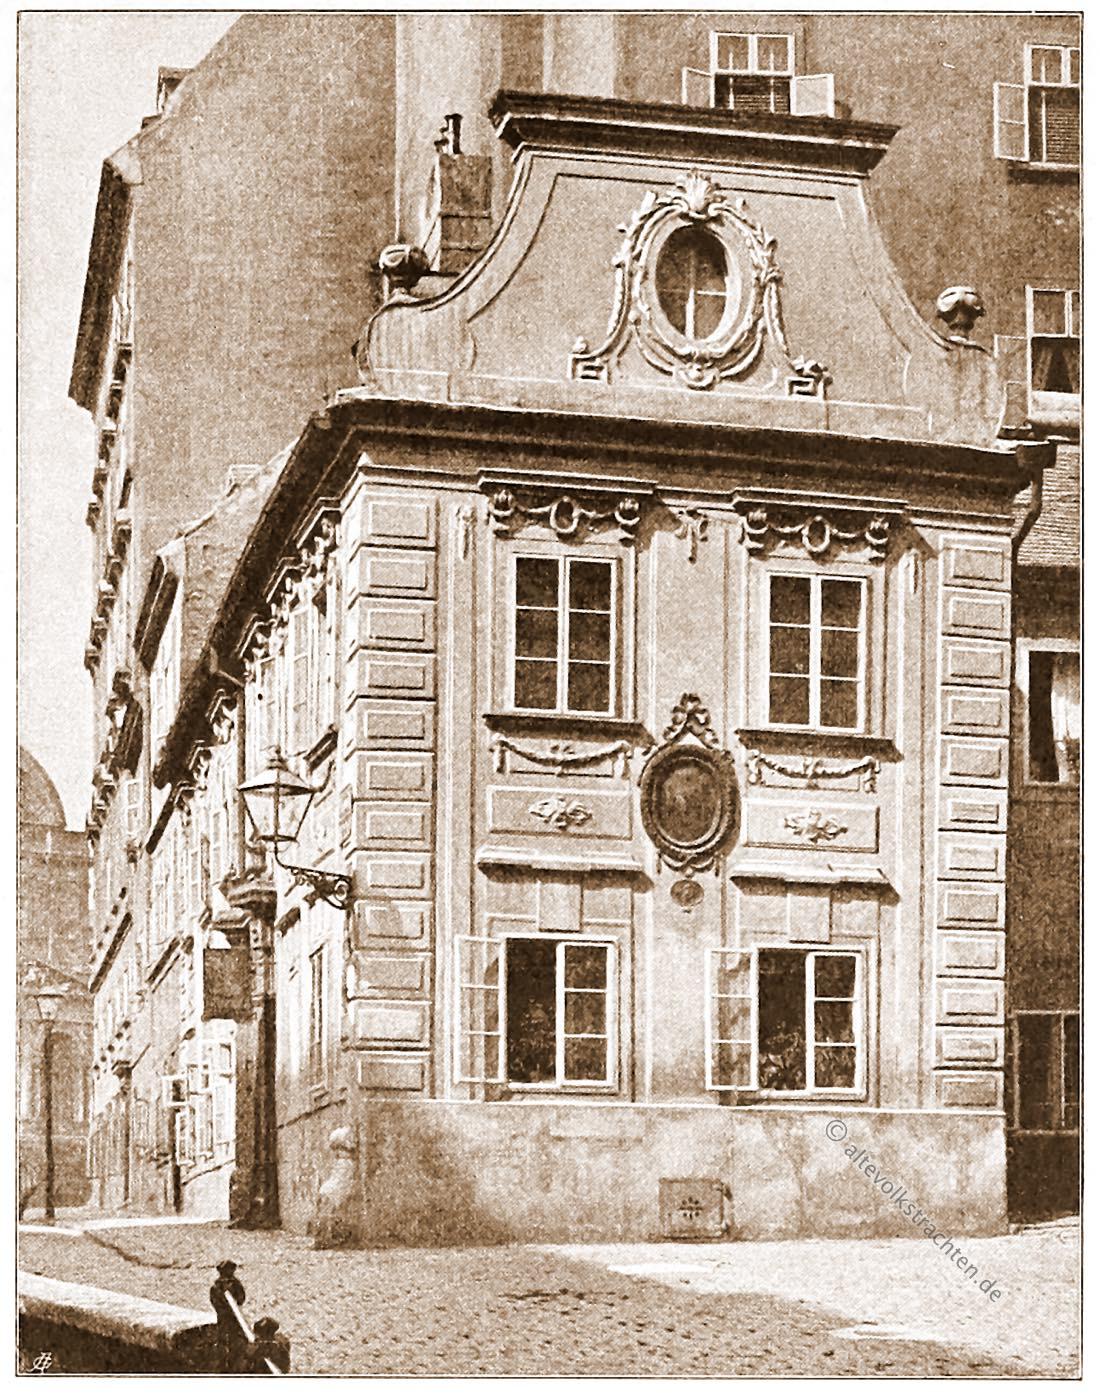 Wien, Wohnhaus, Mölkerbastei, Architektur, Österreich, Stadtansicht, Hartwig, Fischel, Wahrzeichen, Sehenswürdigkeit